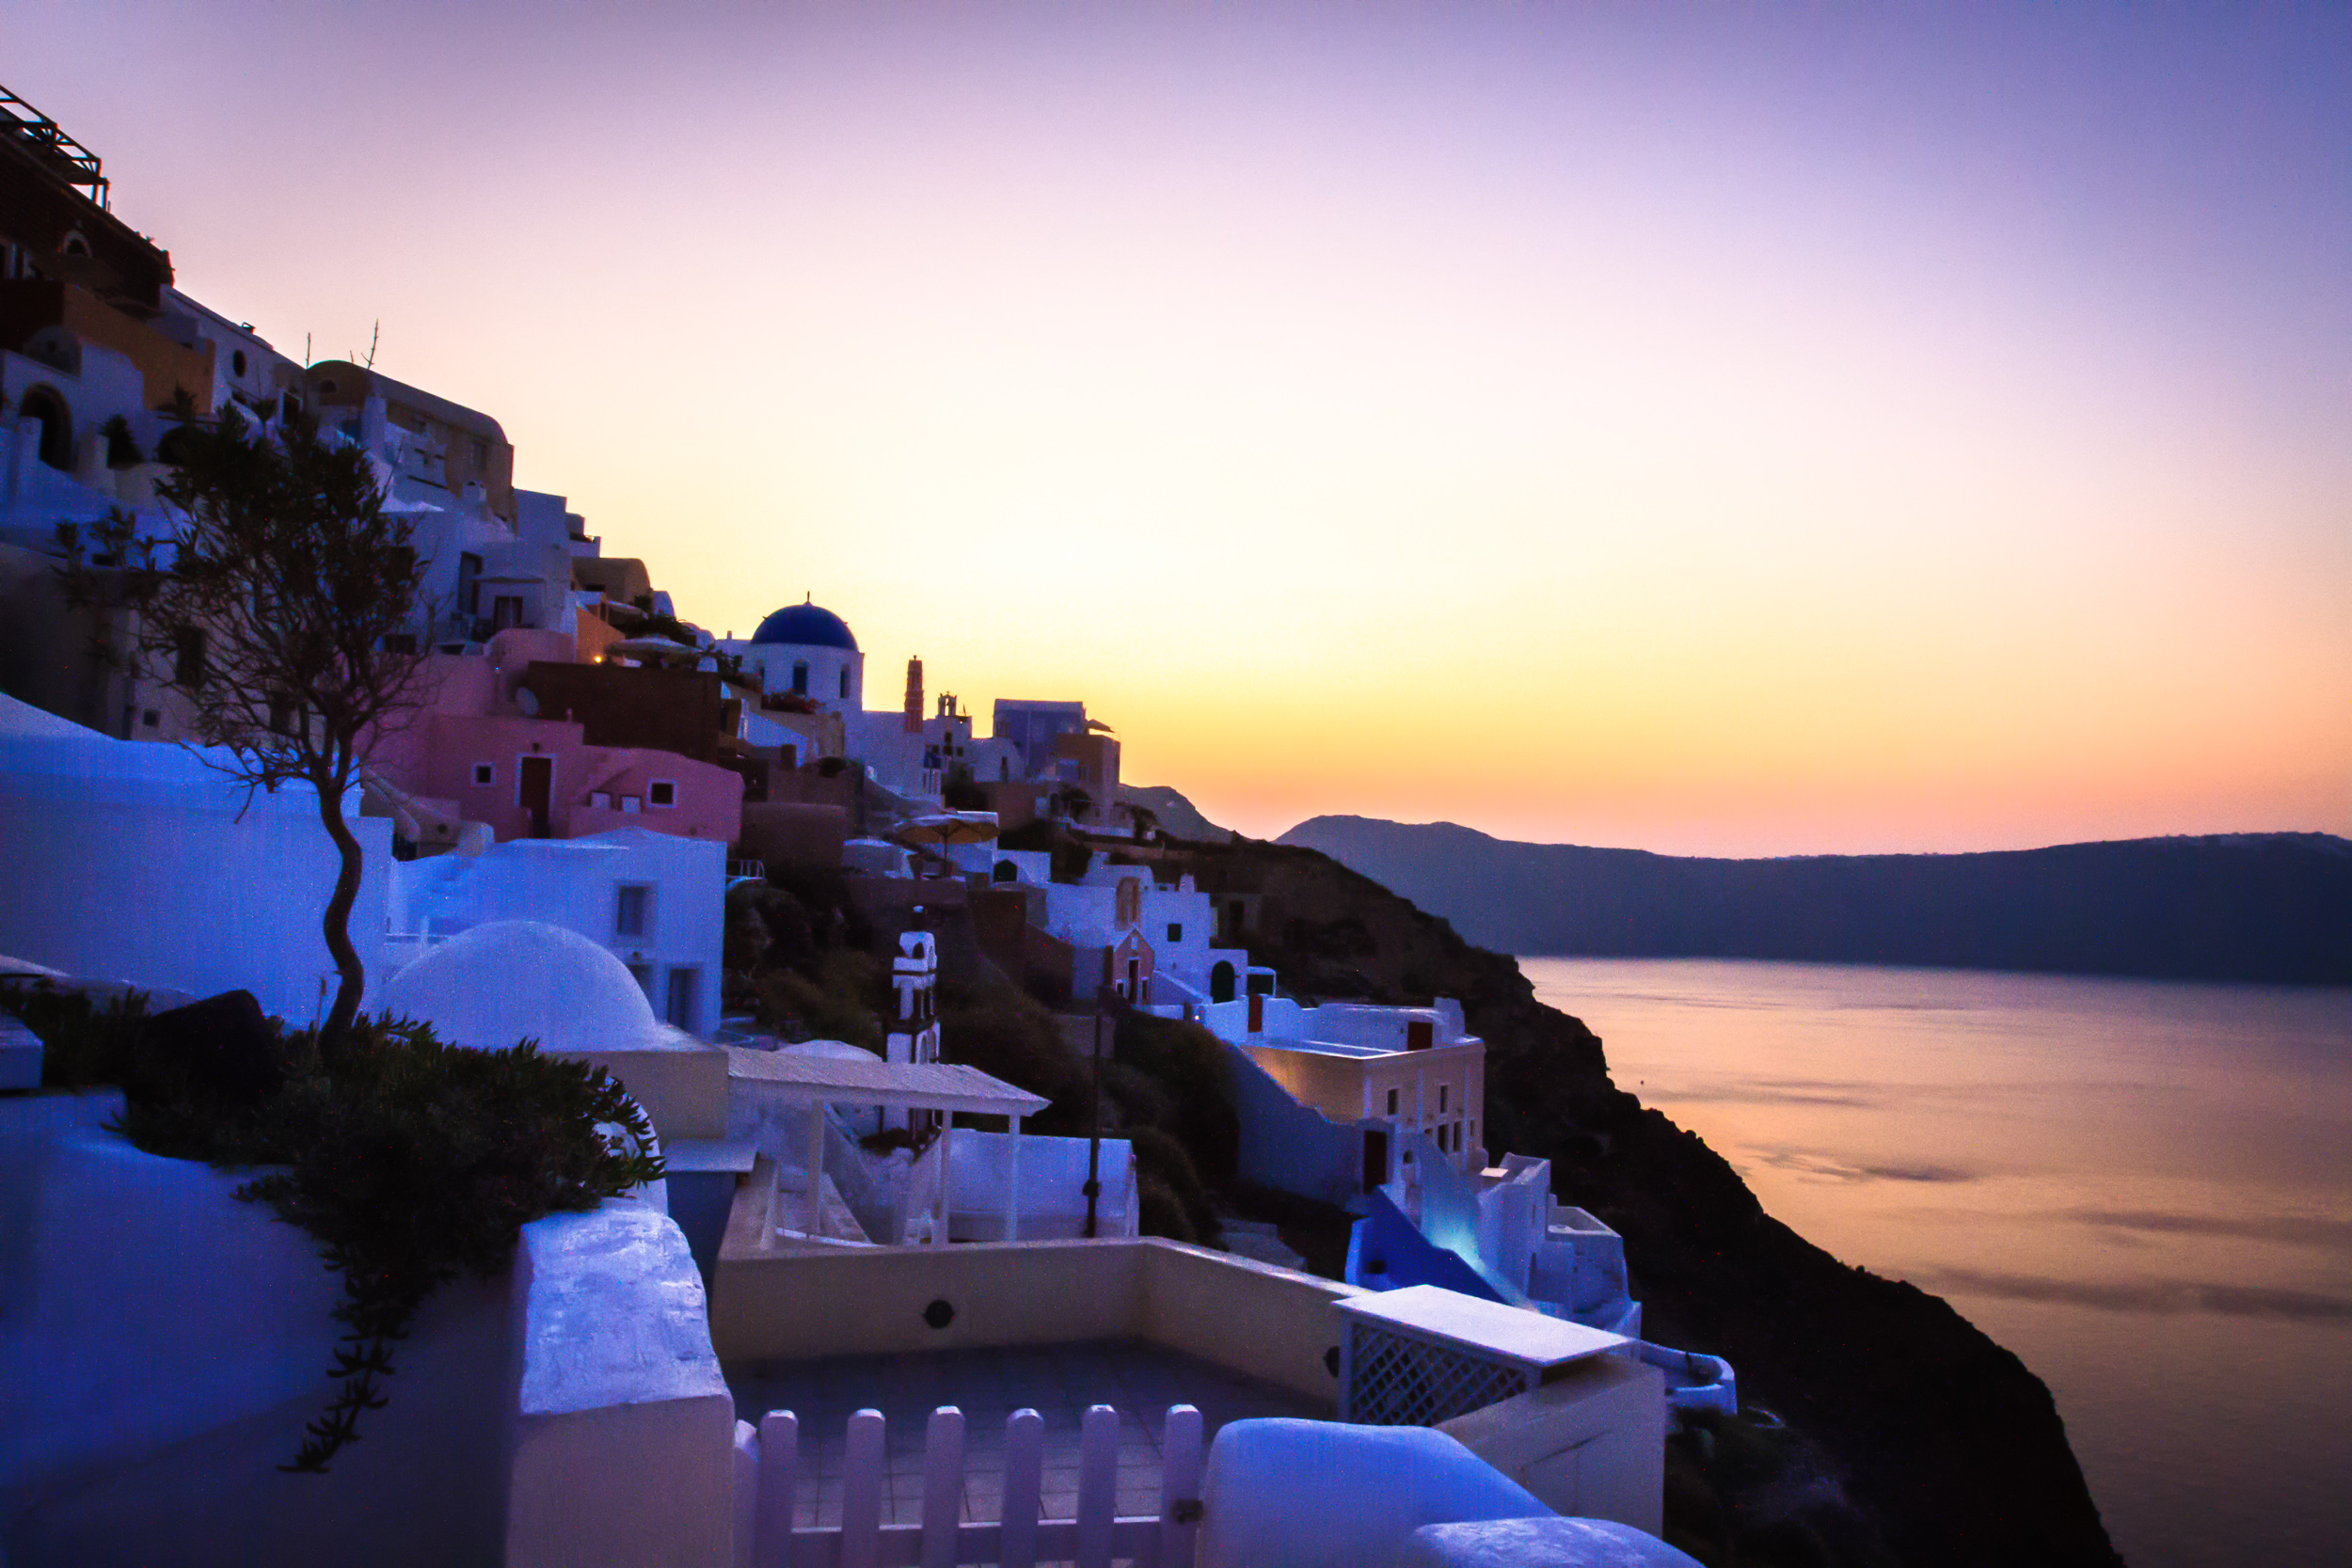 Santorini-007-Edit.jpg